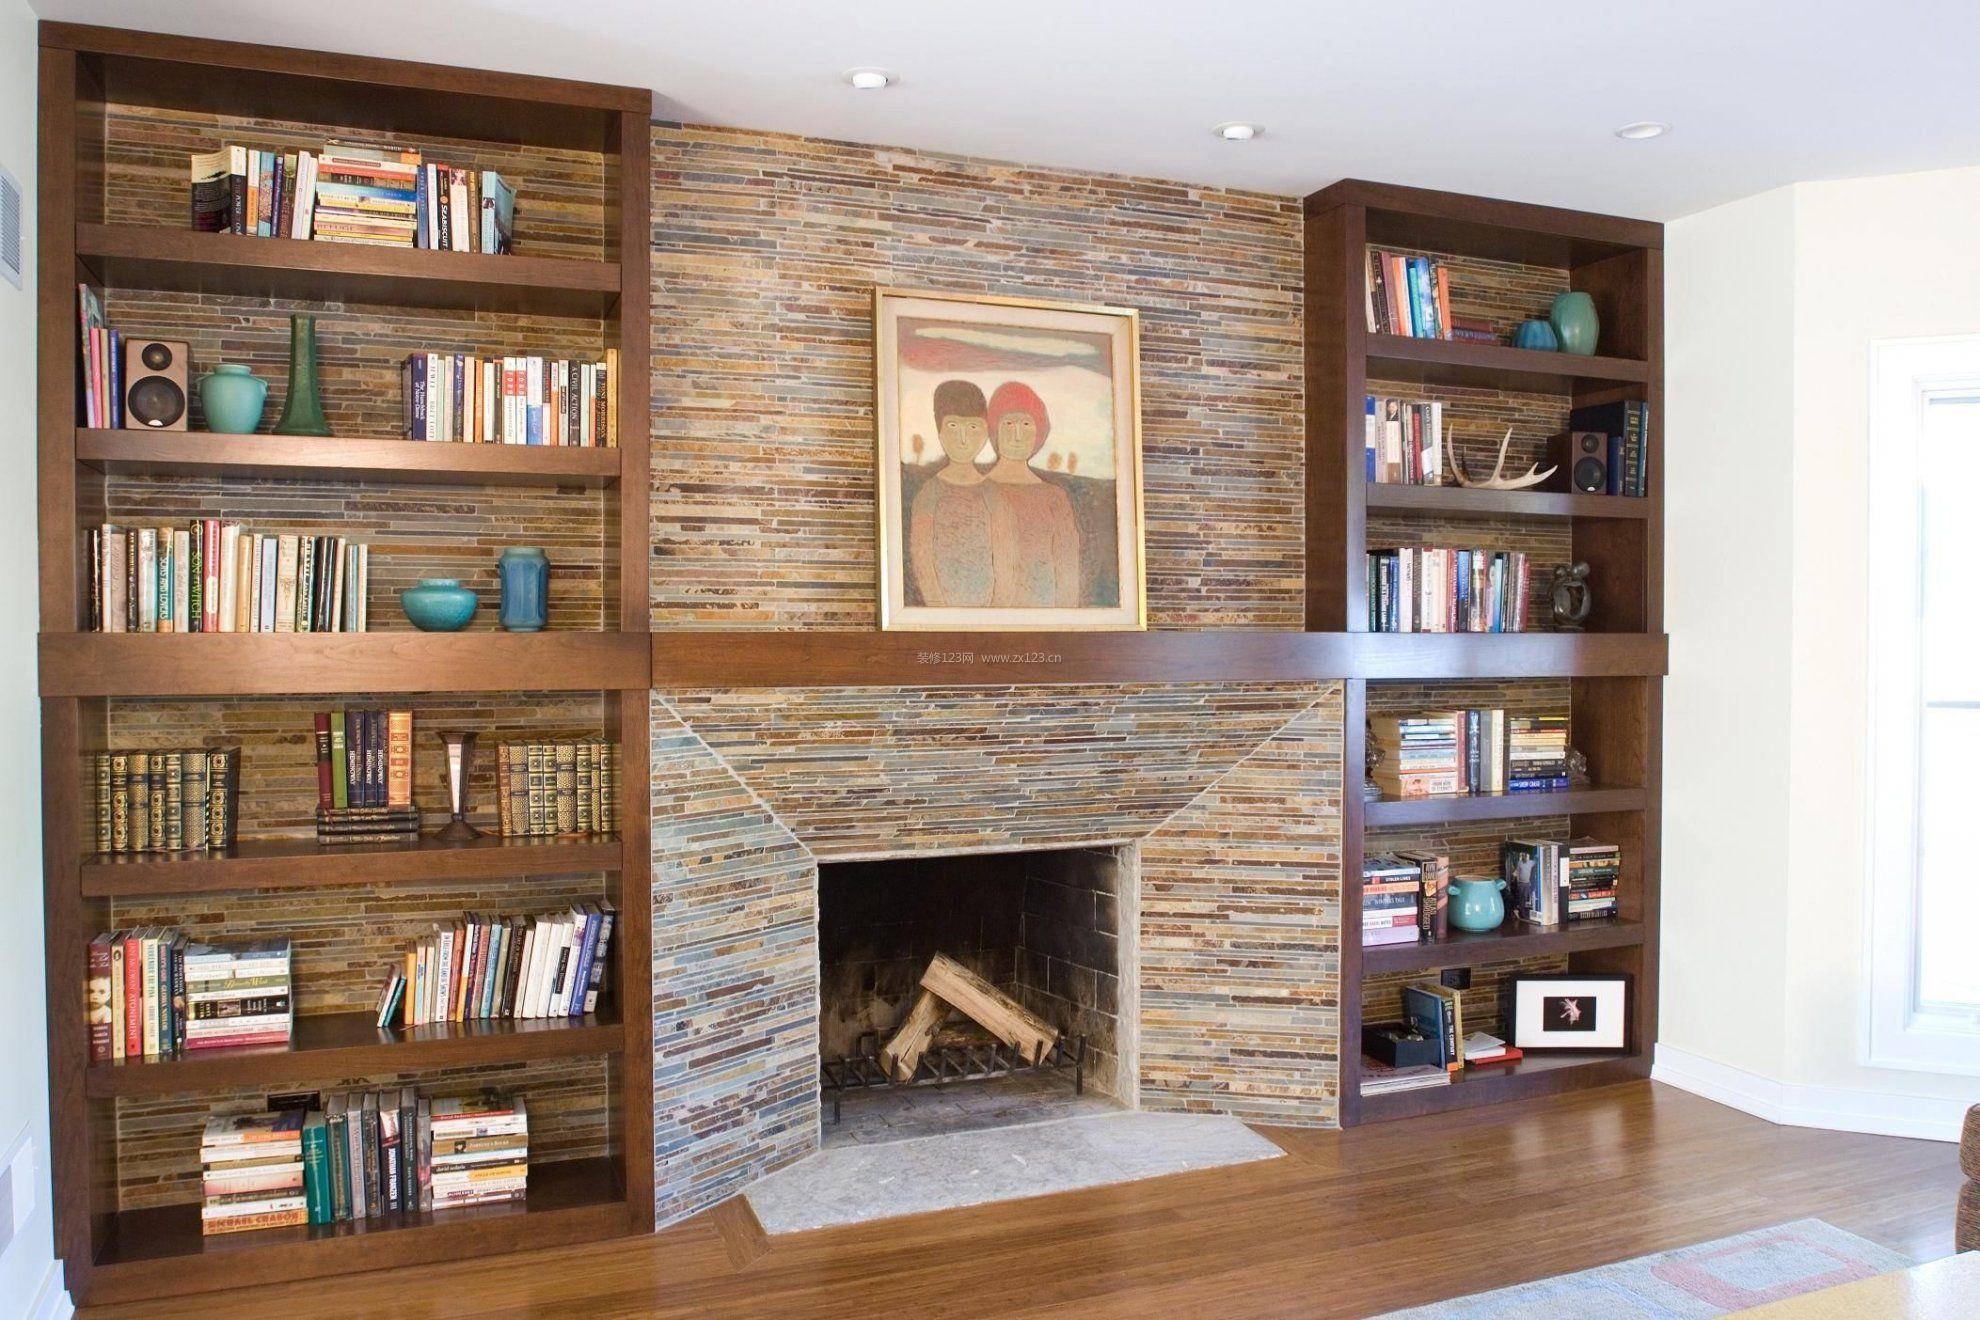 2018客厅简易书架电视墙设计大全_装修123效果图图片